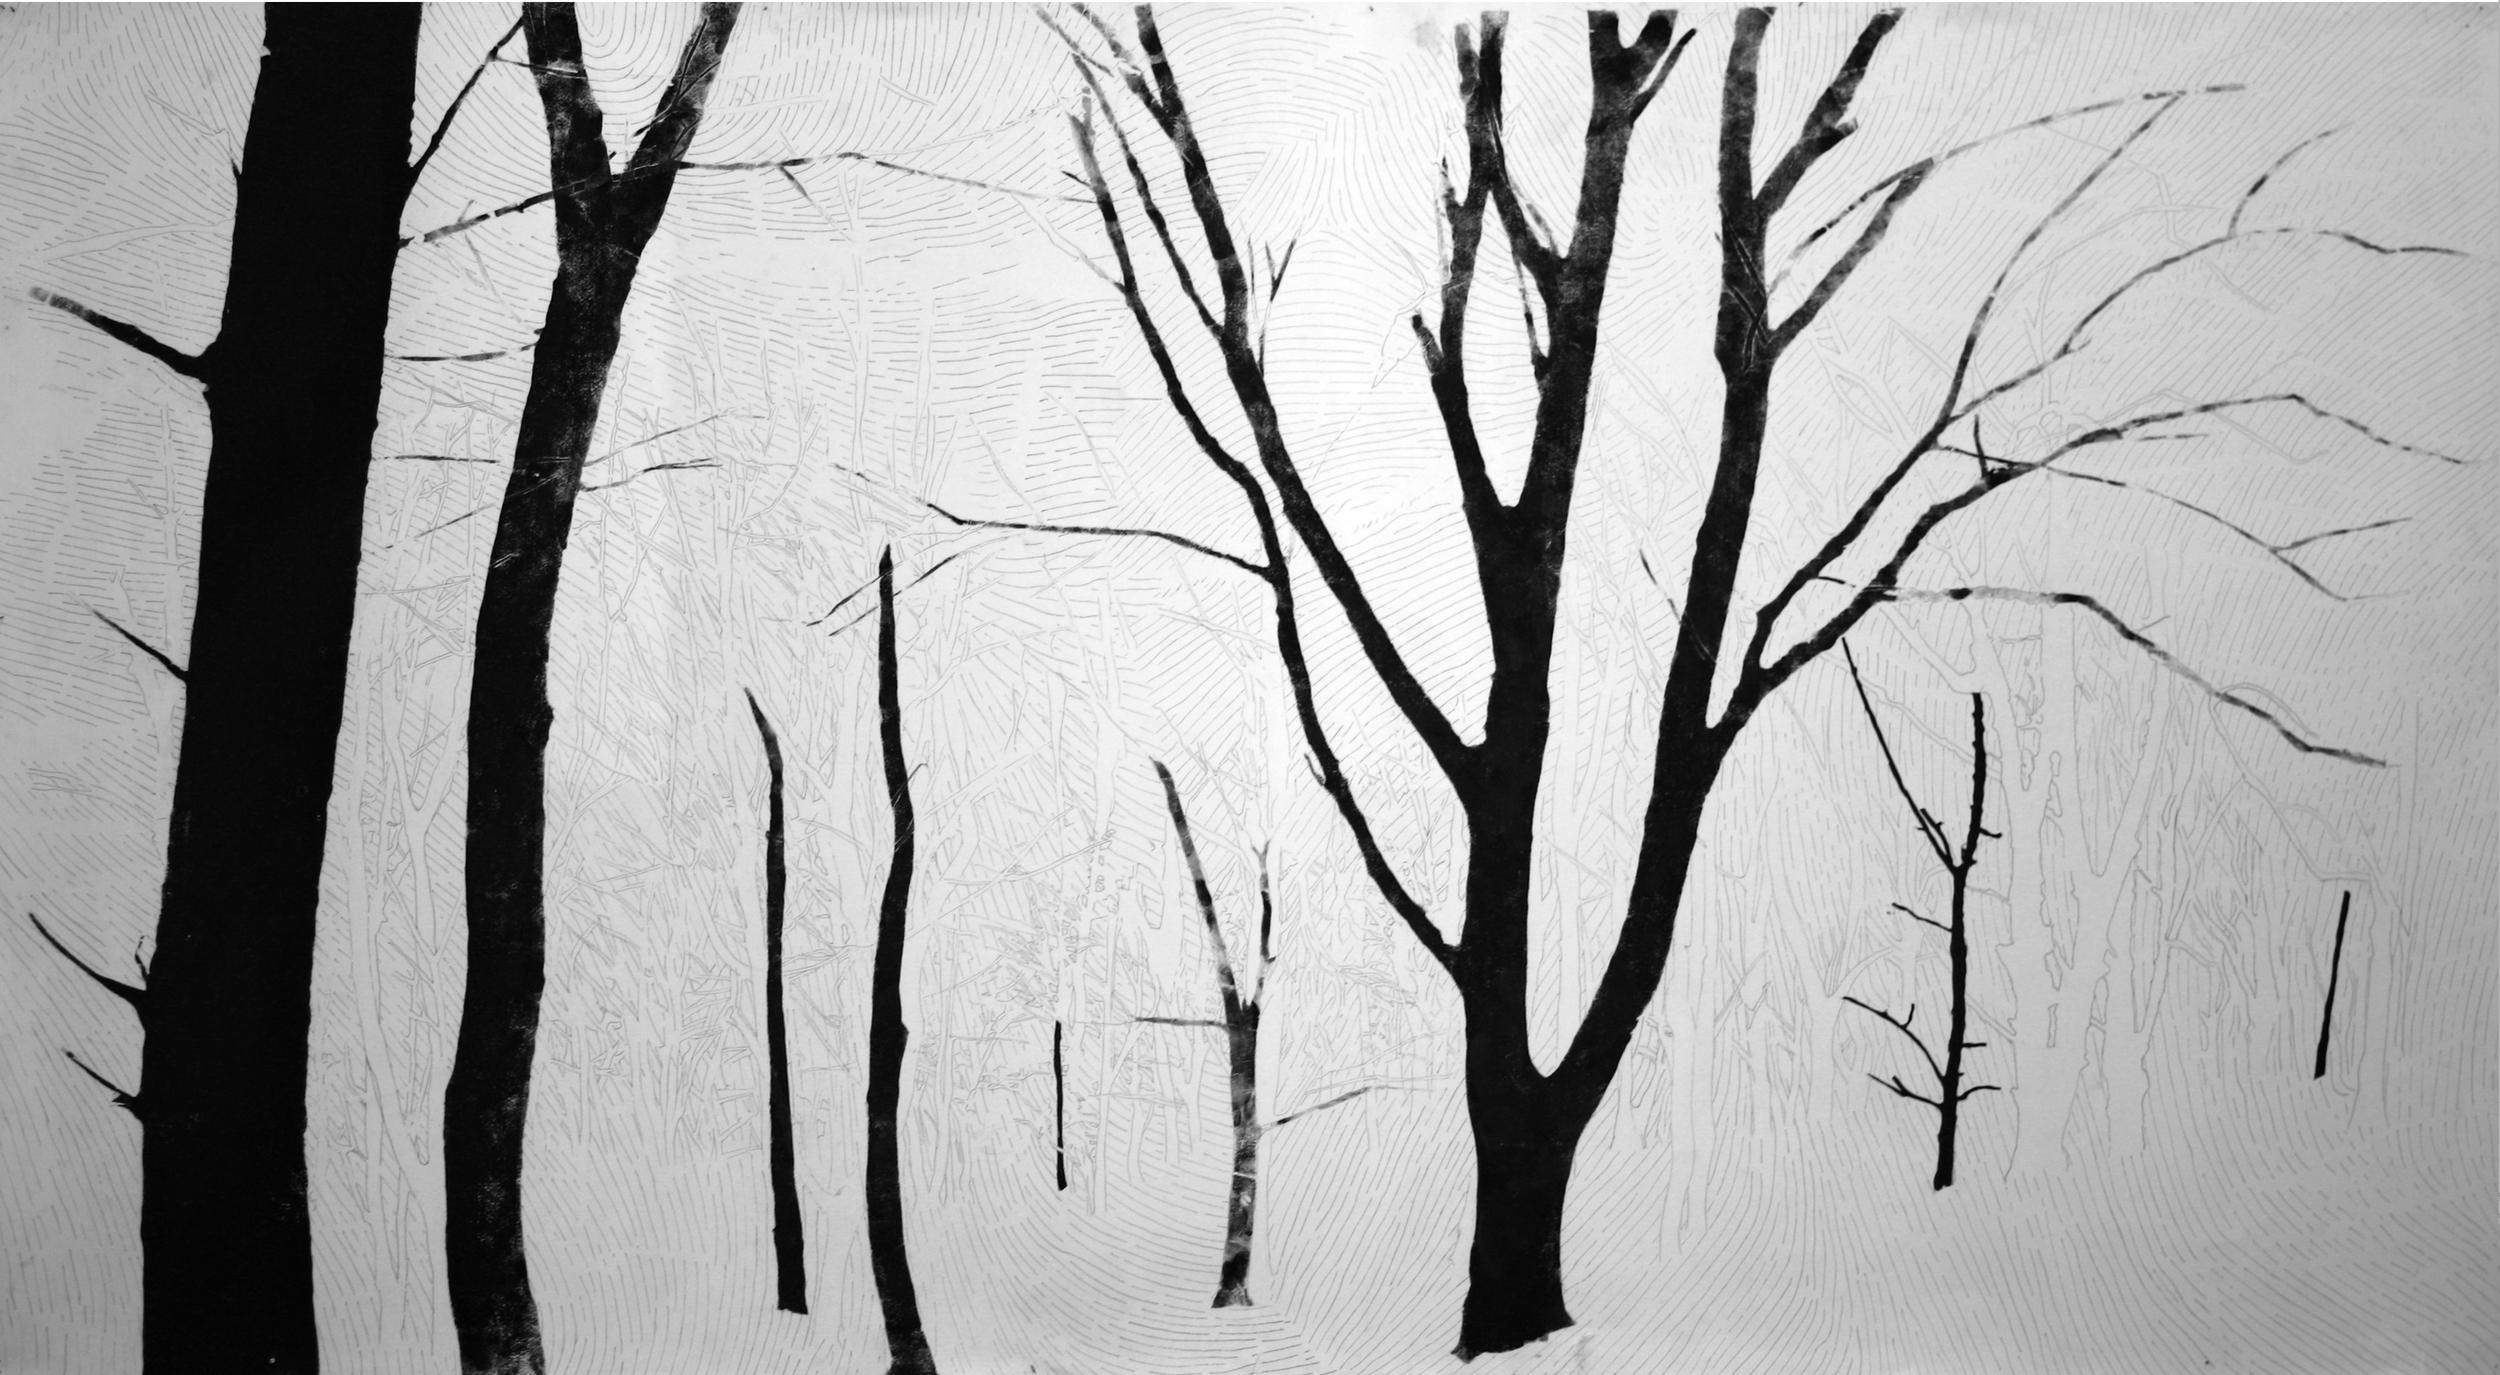 HIDE & SEEK By Etienne de Fleurieu, dessin à la mine de plomb et encre taille douce pour gravure avec empreintes de main.